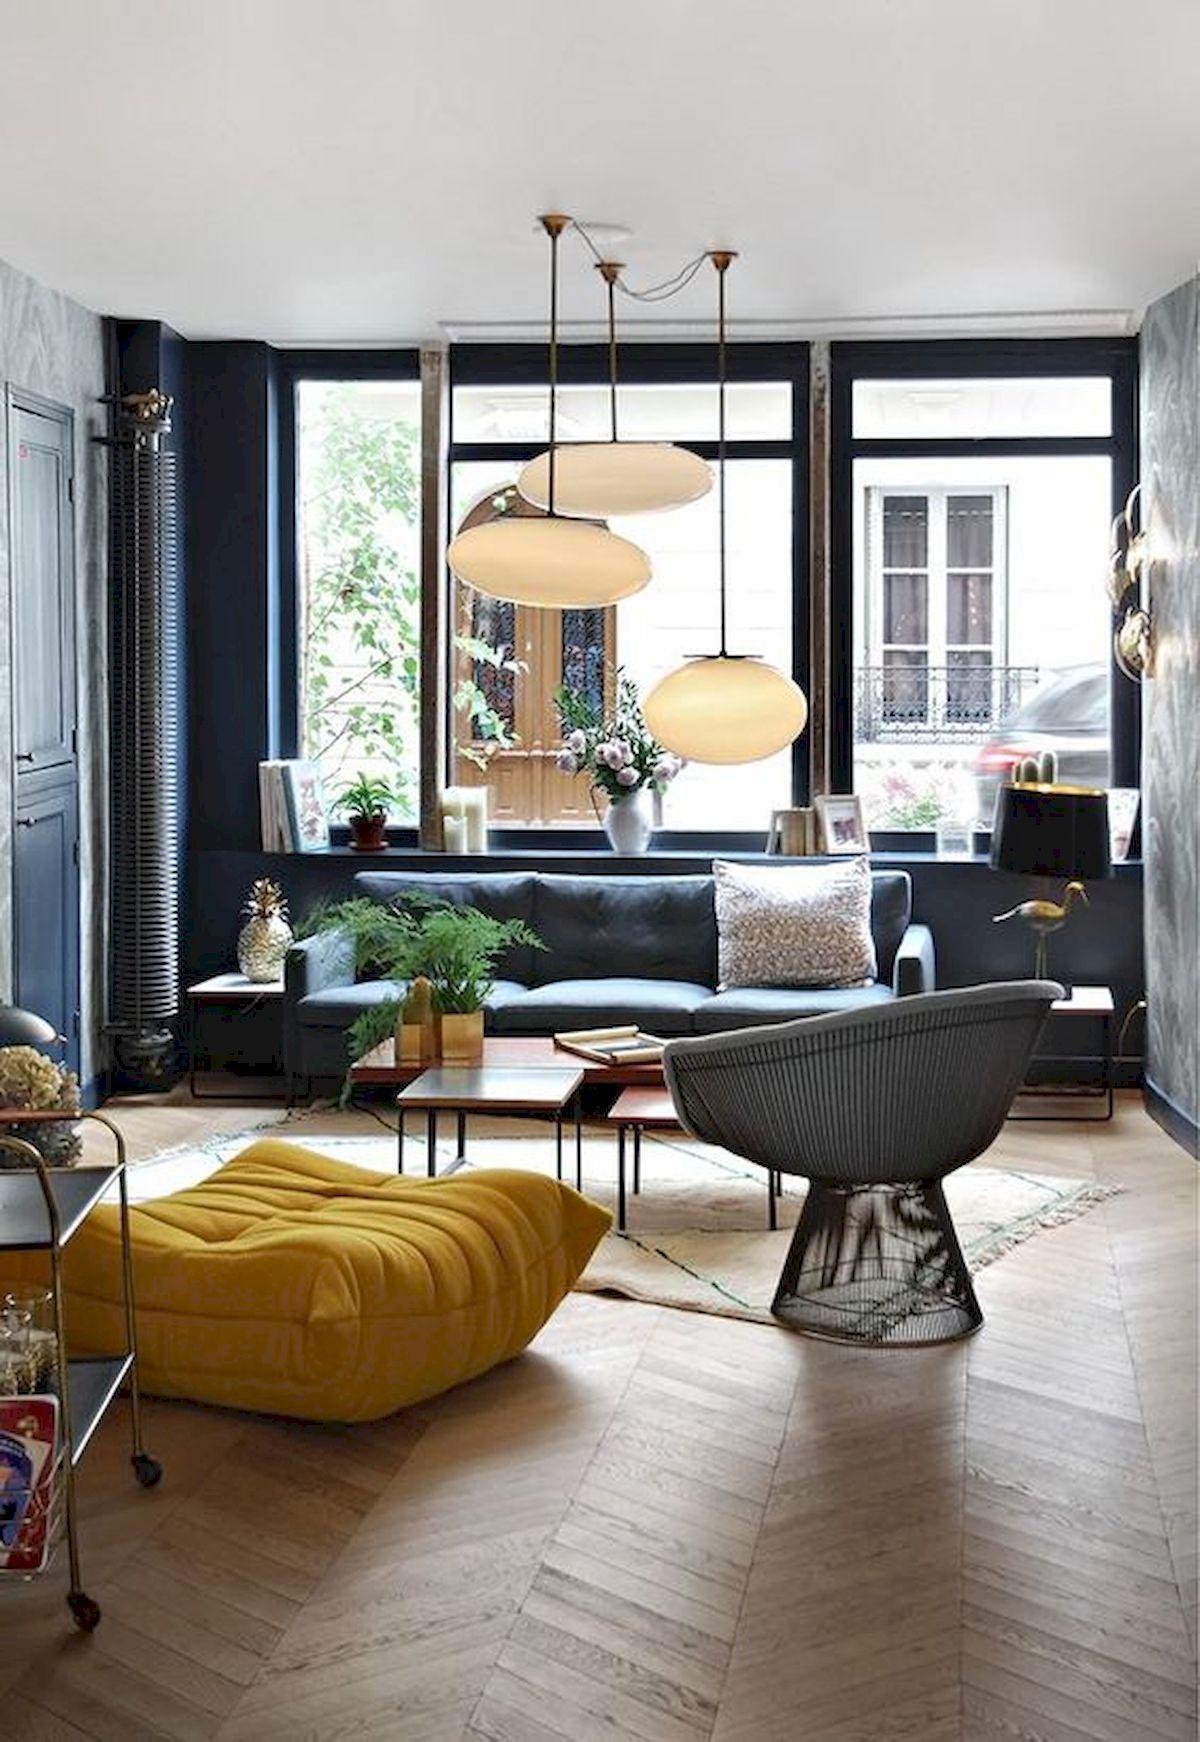 salon moderne bleu gris pouf jaune carré curry parquet bois chevron